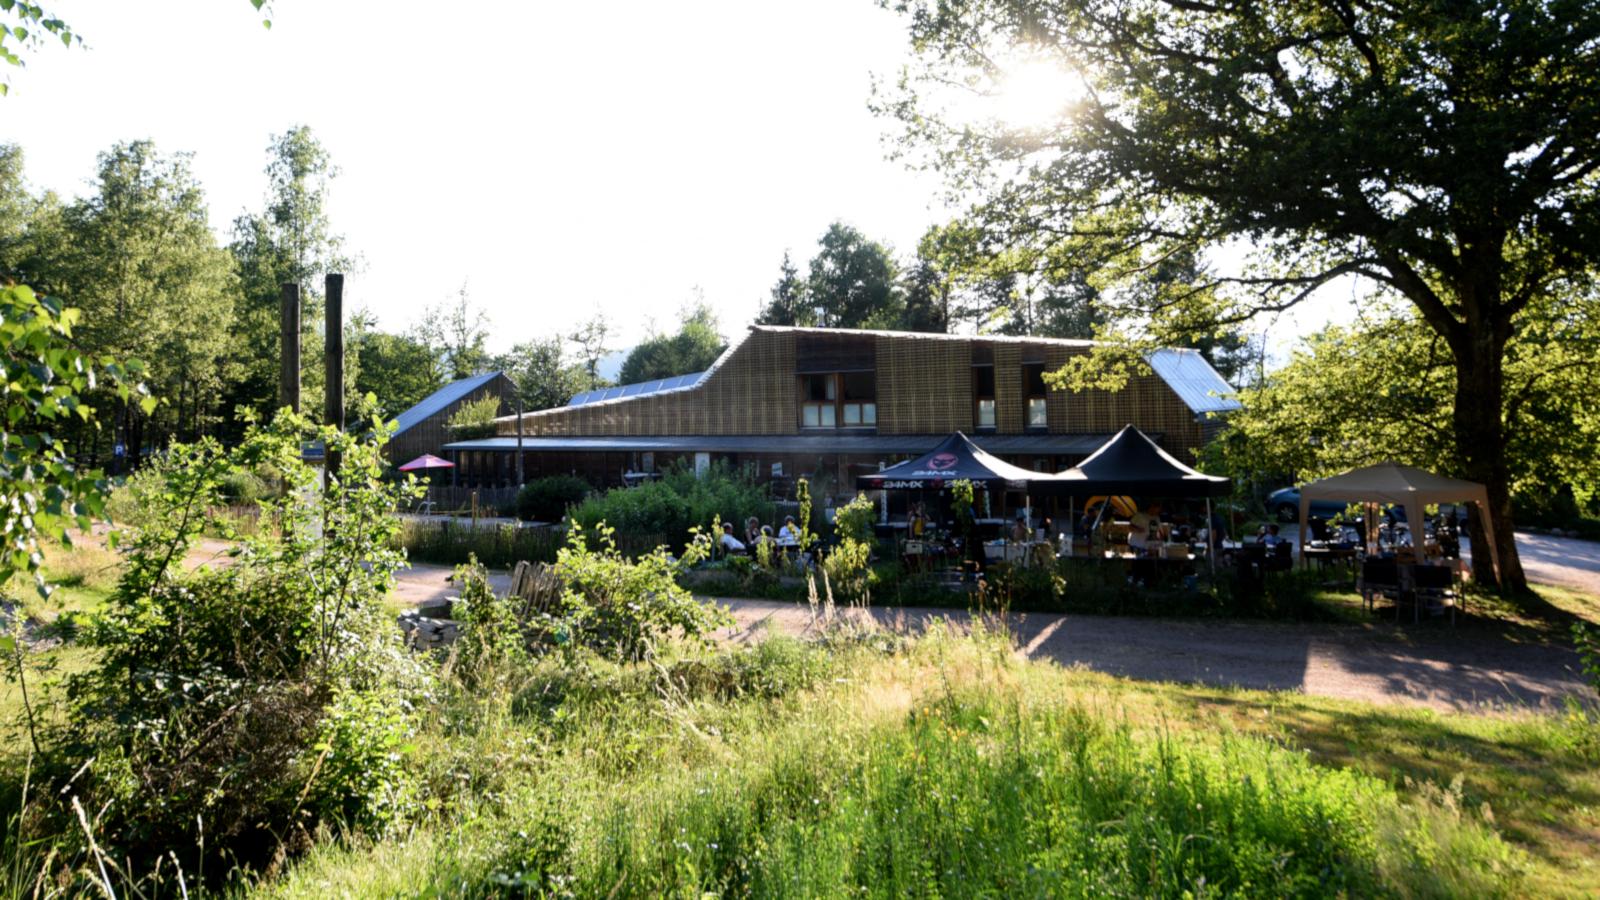 Le camping du Mettey détient l'éco-label européen pour son utilisation de sources d'énergie renouvelables,